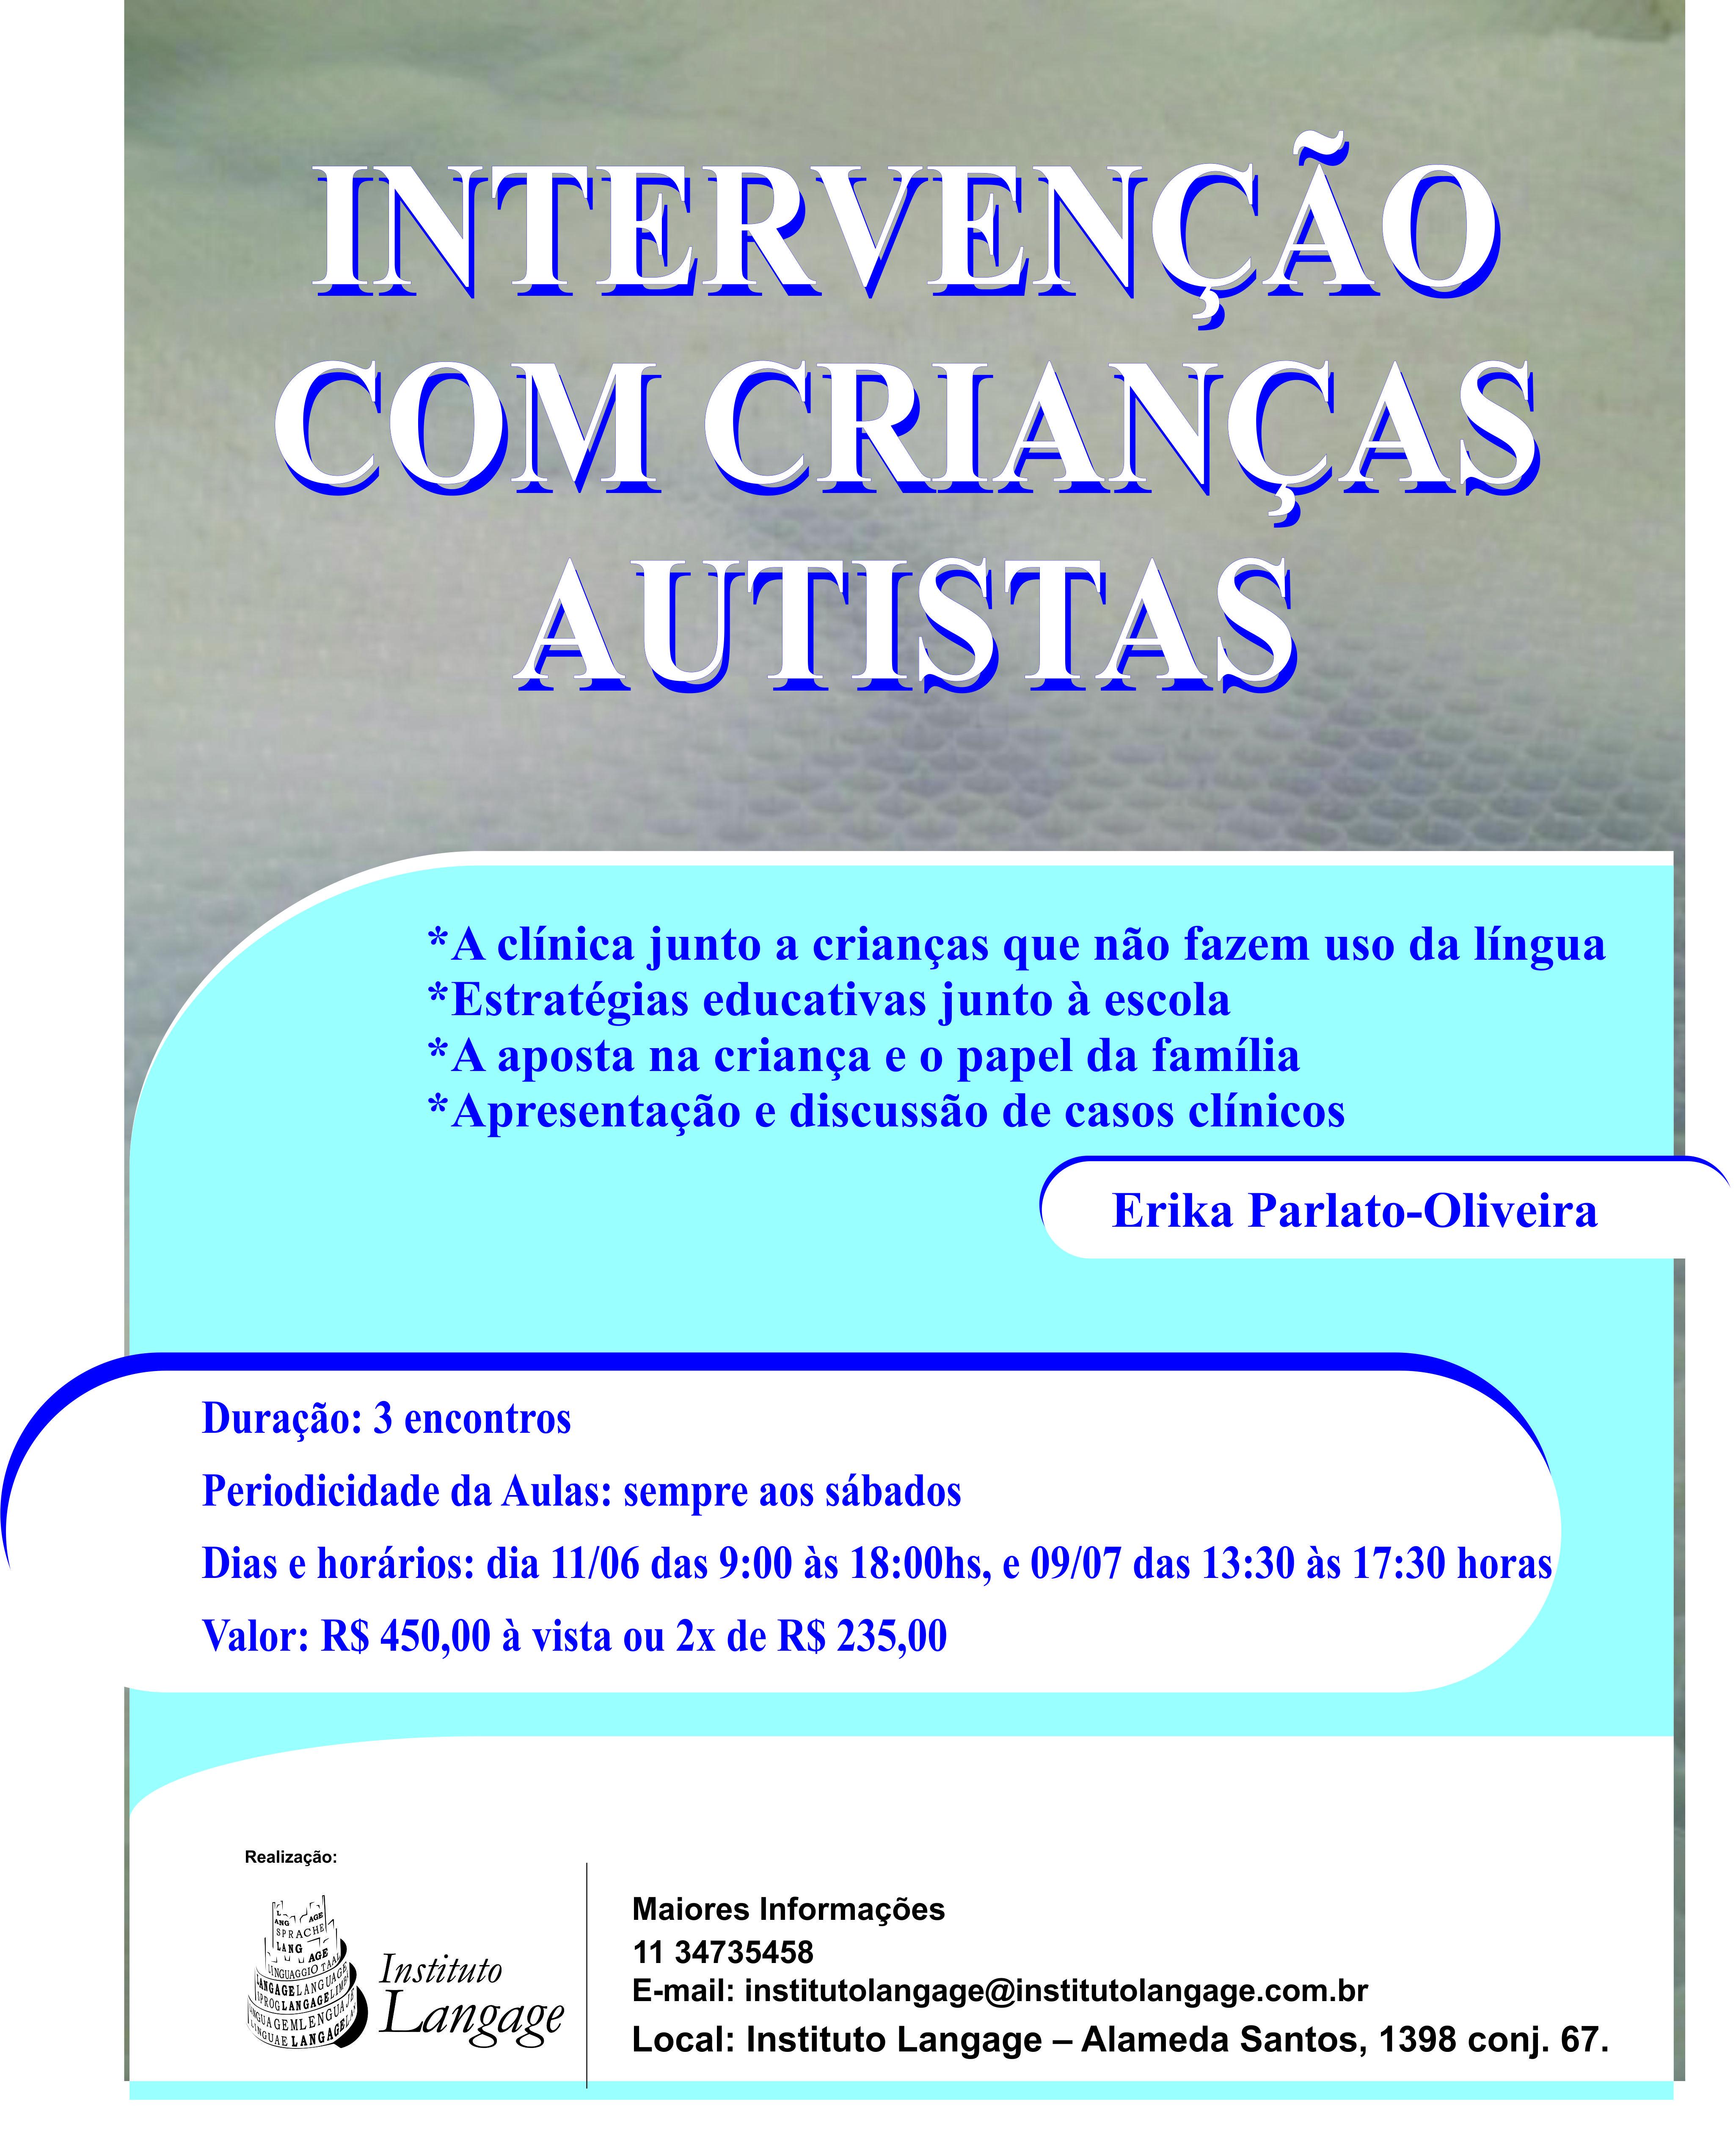 curso intervencao com criancas autistas jun16 3